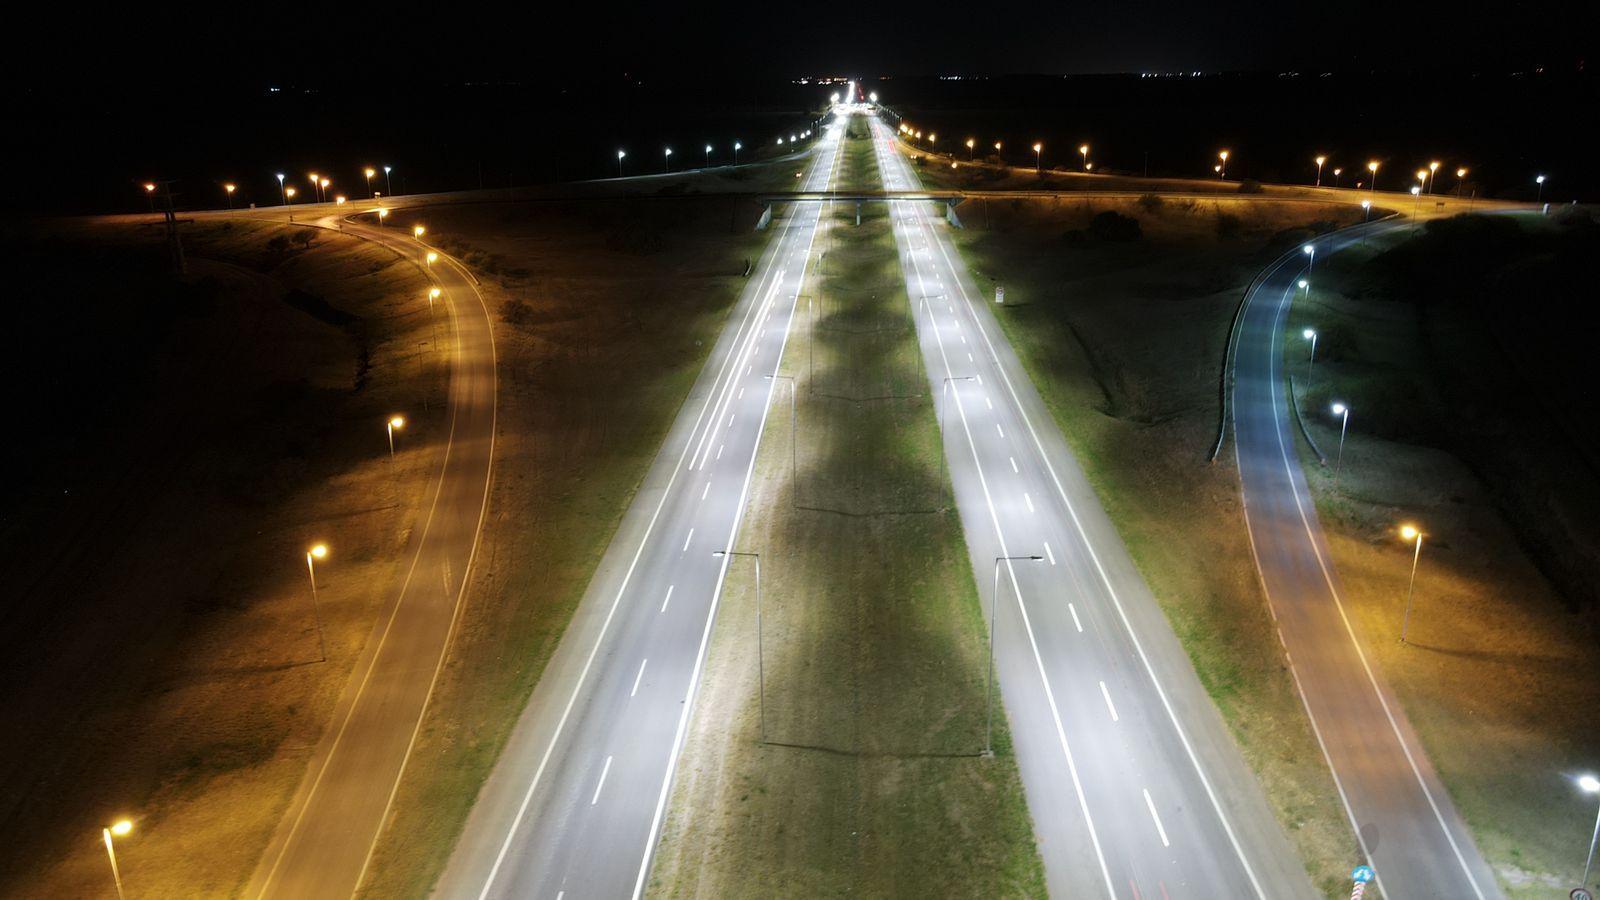 Habilitaron un tramo de iluminación en la Autopista Córdoba-Rosario